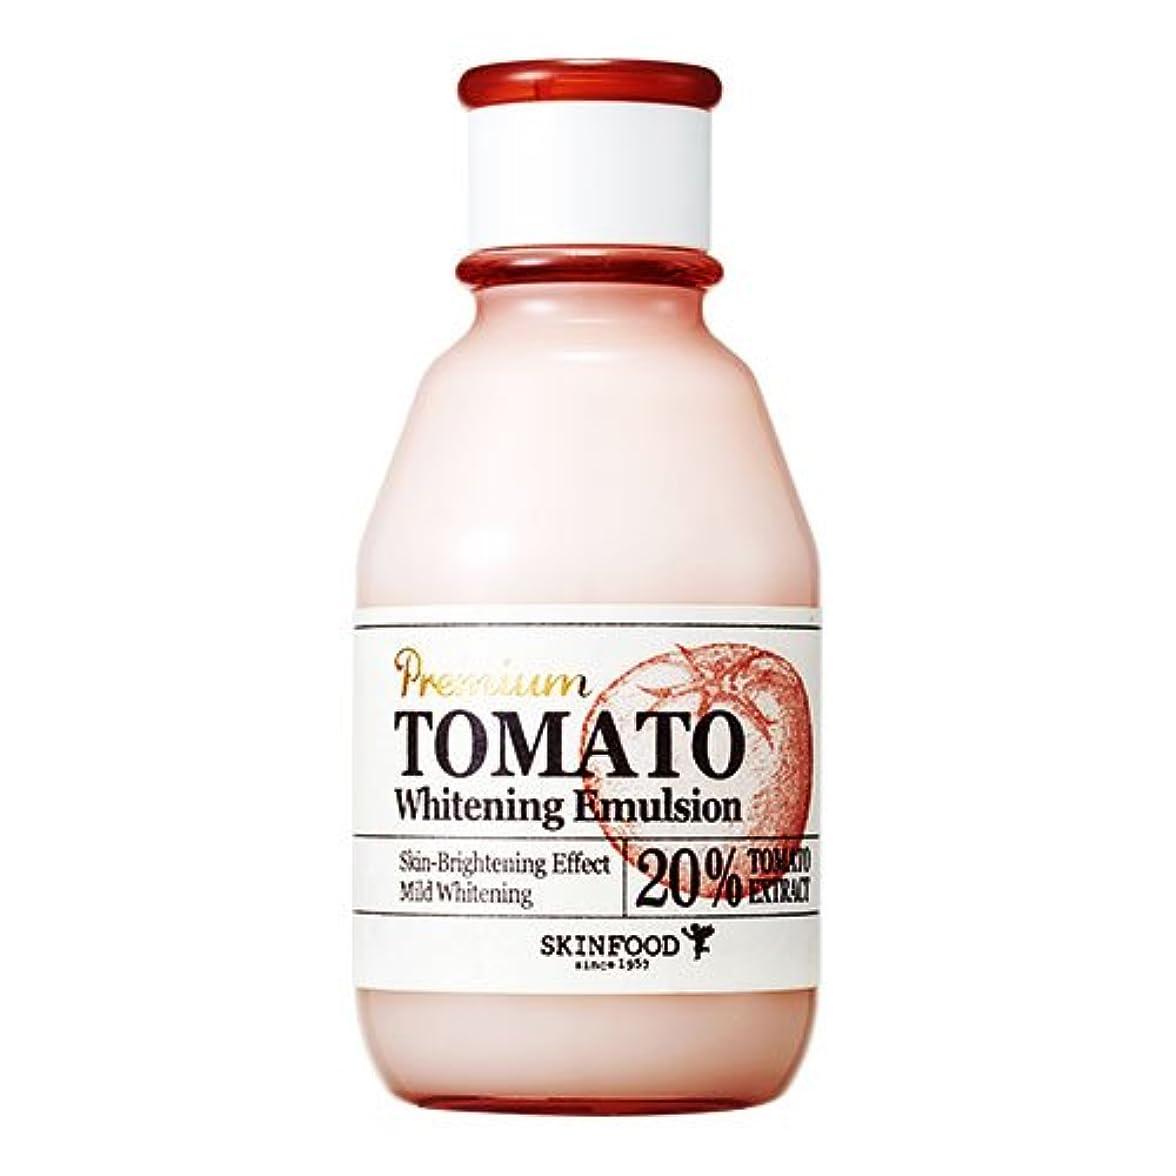 リラックス苦痛メナジェリー[スキンフード] SKINFOOD プレミアムトマトホワイトニングエマルジョン Premium Tomato Whitening Emulsion (海外直送品) [並行輸入品]